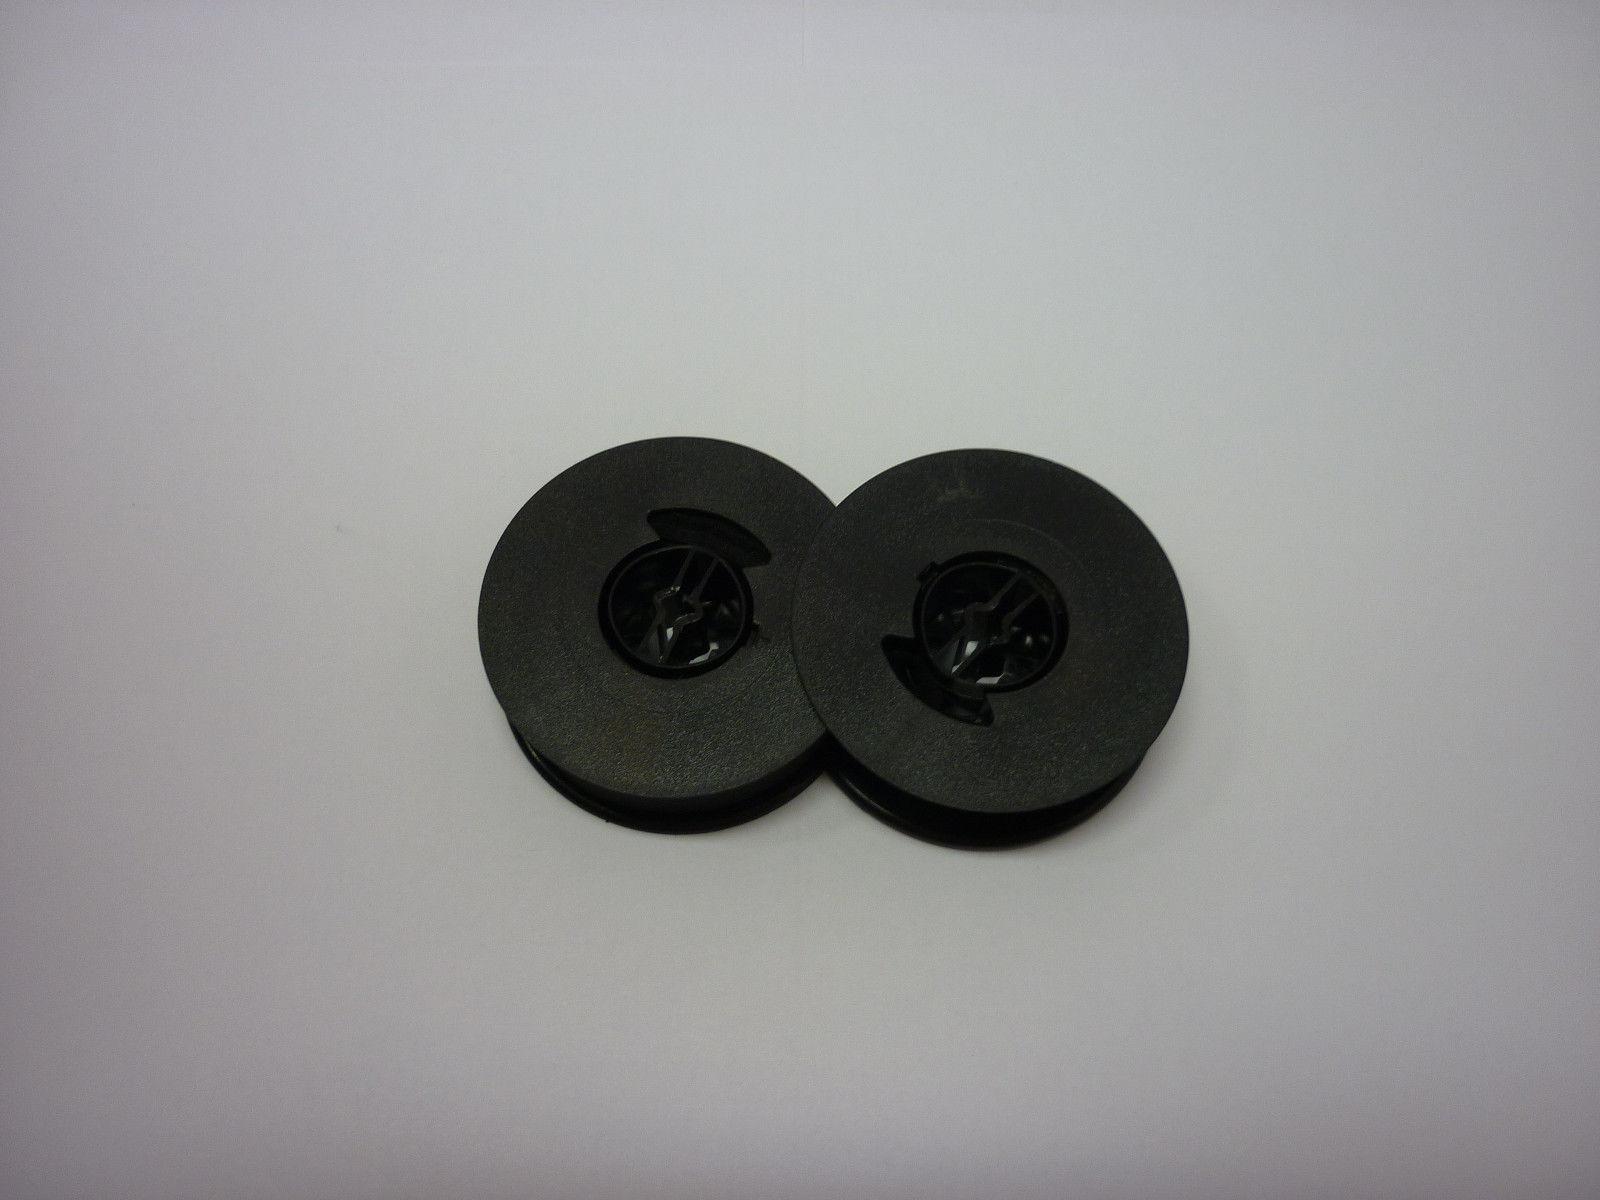 Brother Accord 10 Accord 12 Typewriter Ribbon Black Twin Spool